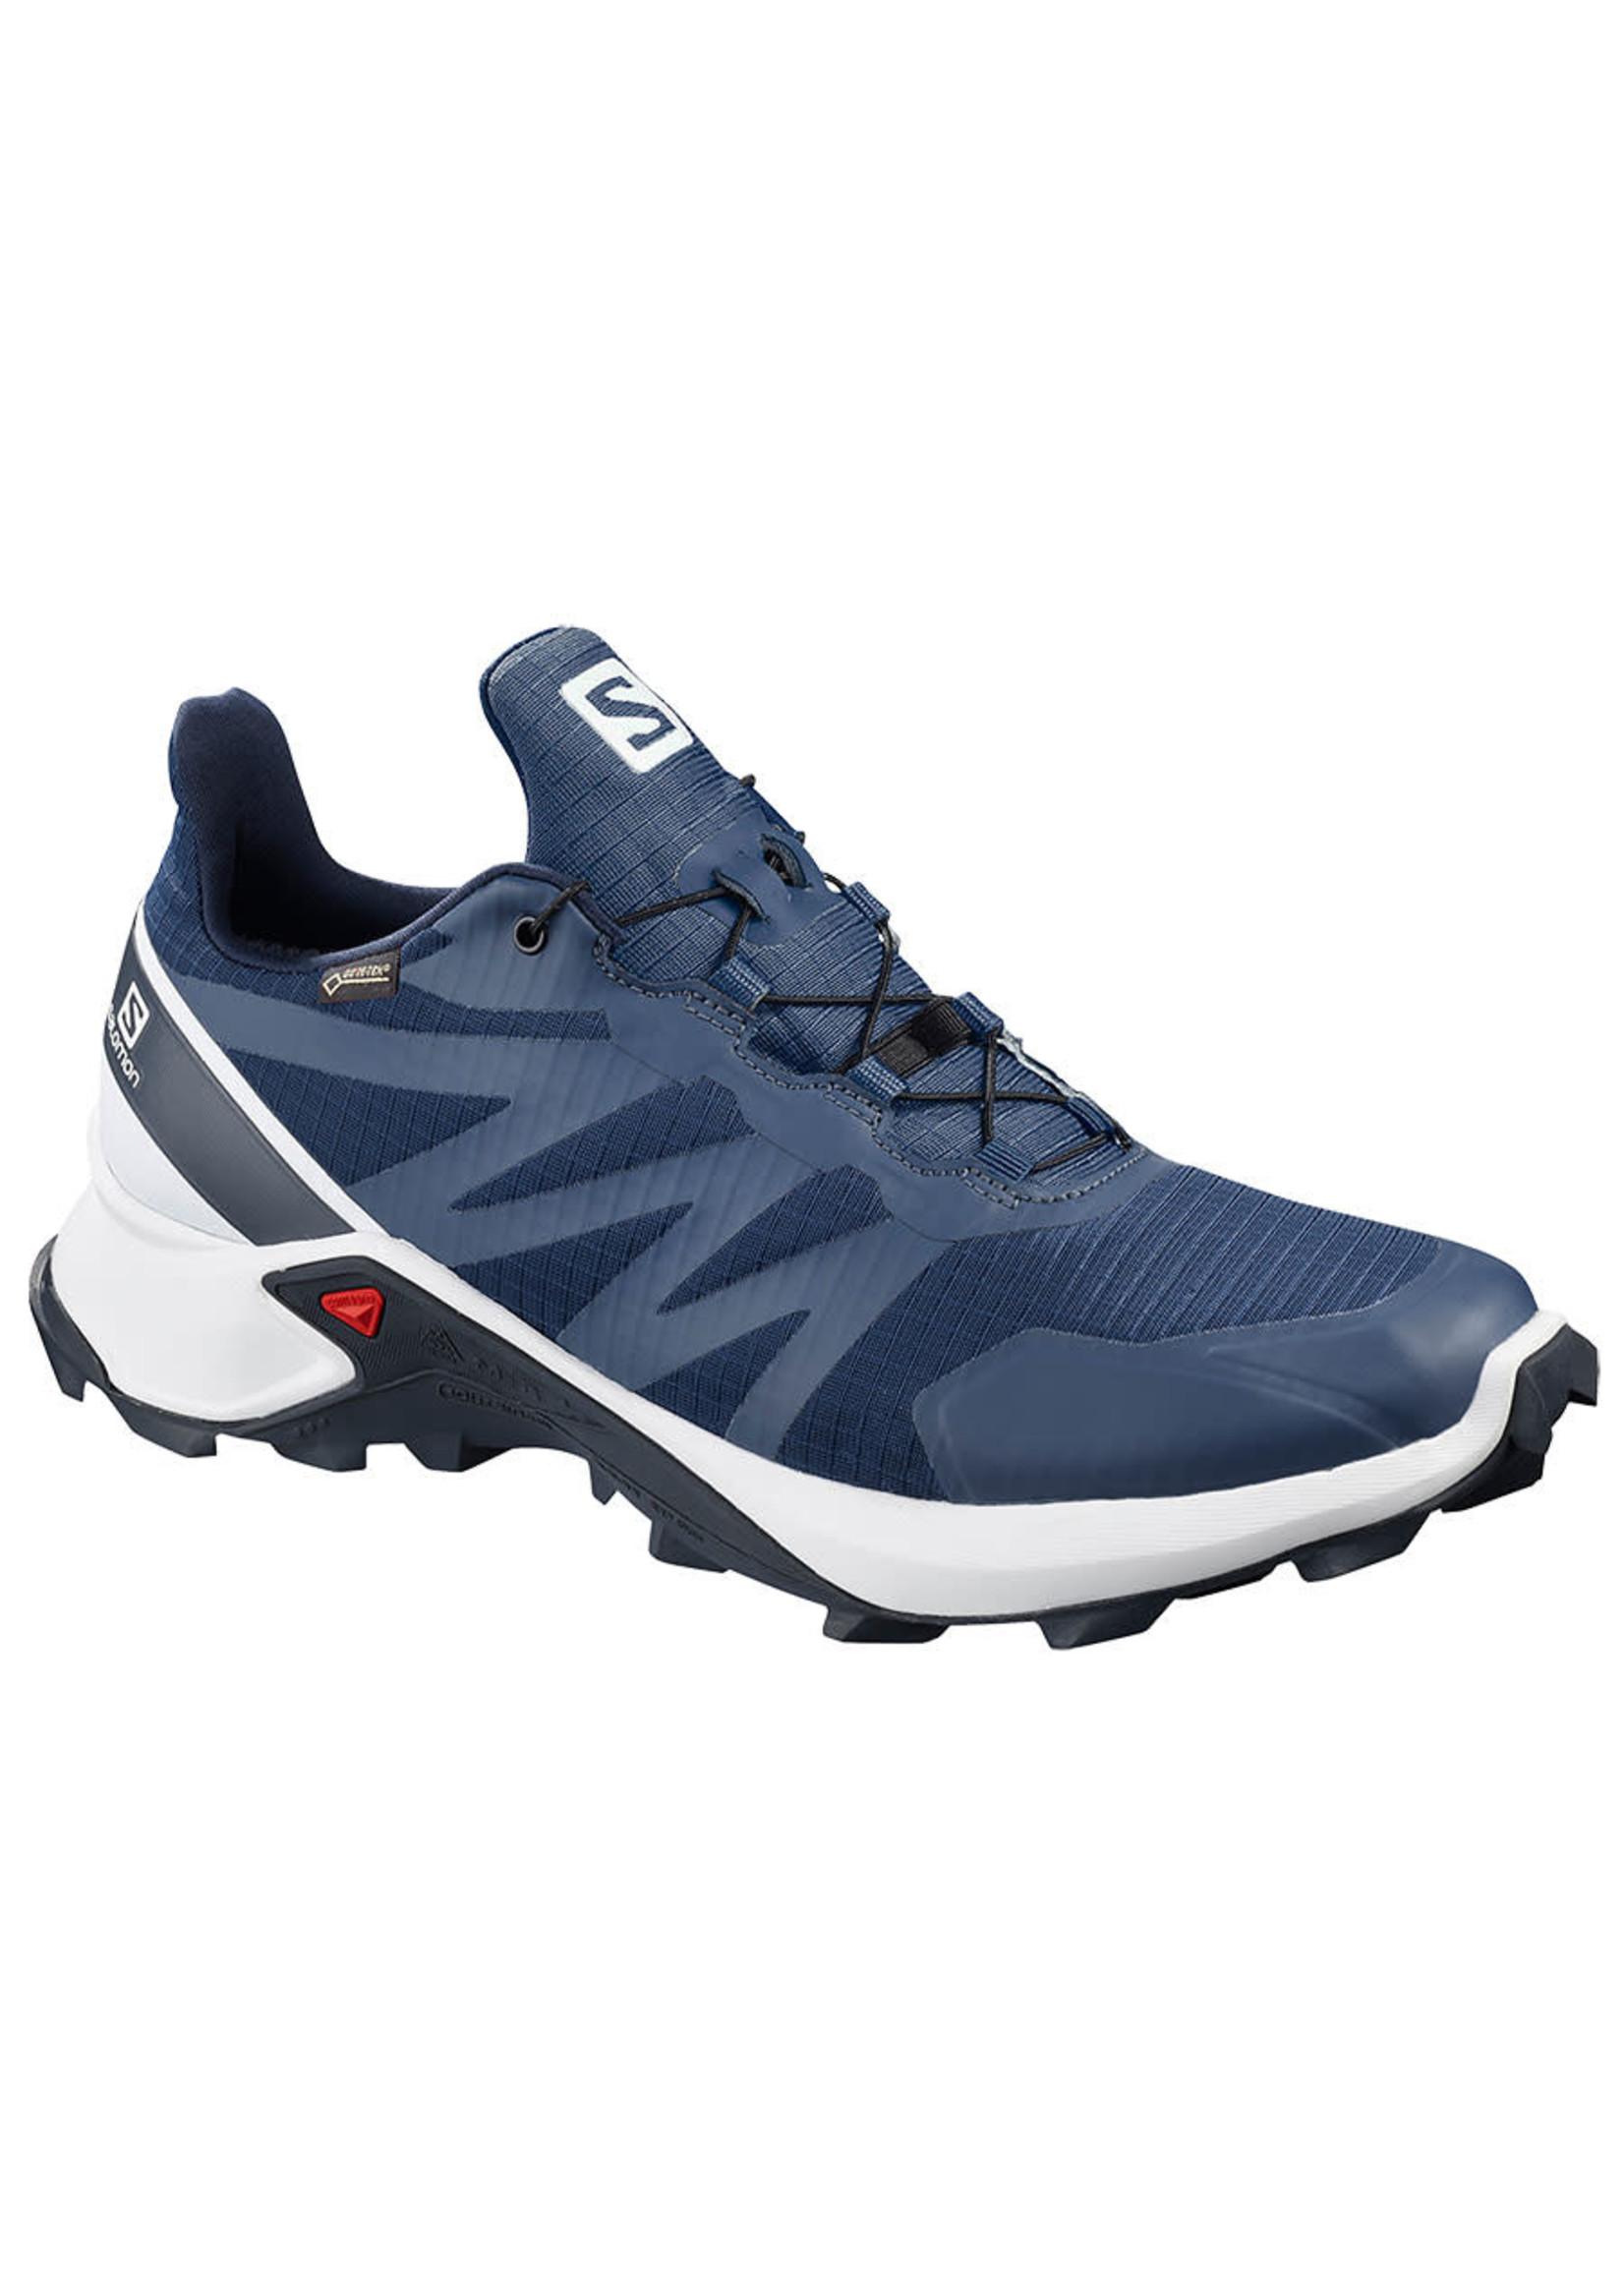 Salomon Salomon Supercross GTX Mens Trail Running Shoe (2019)